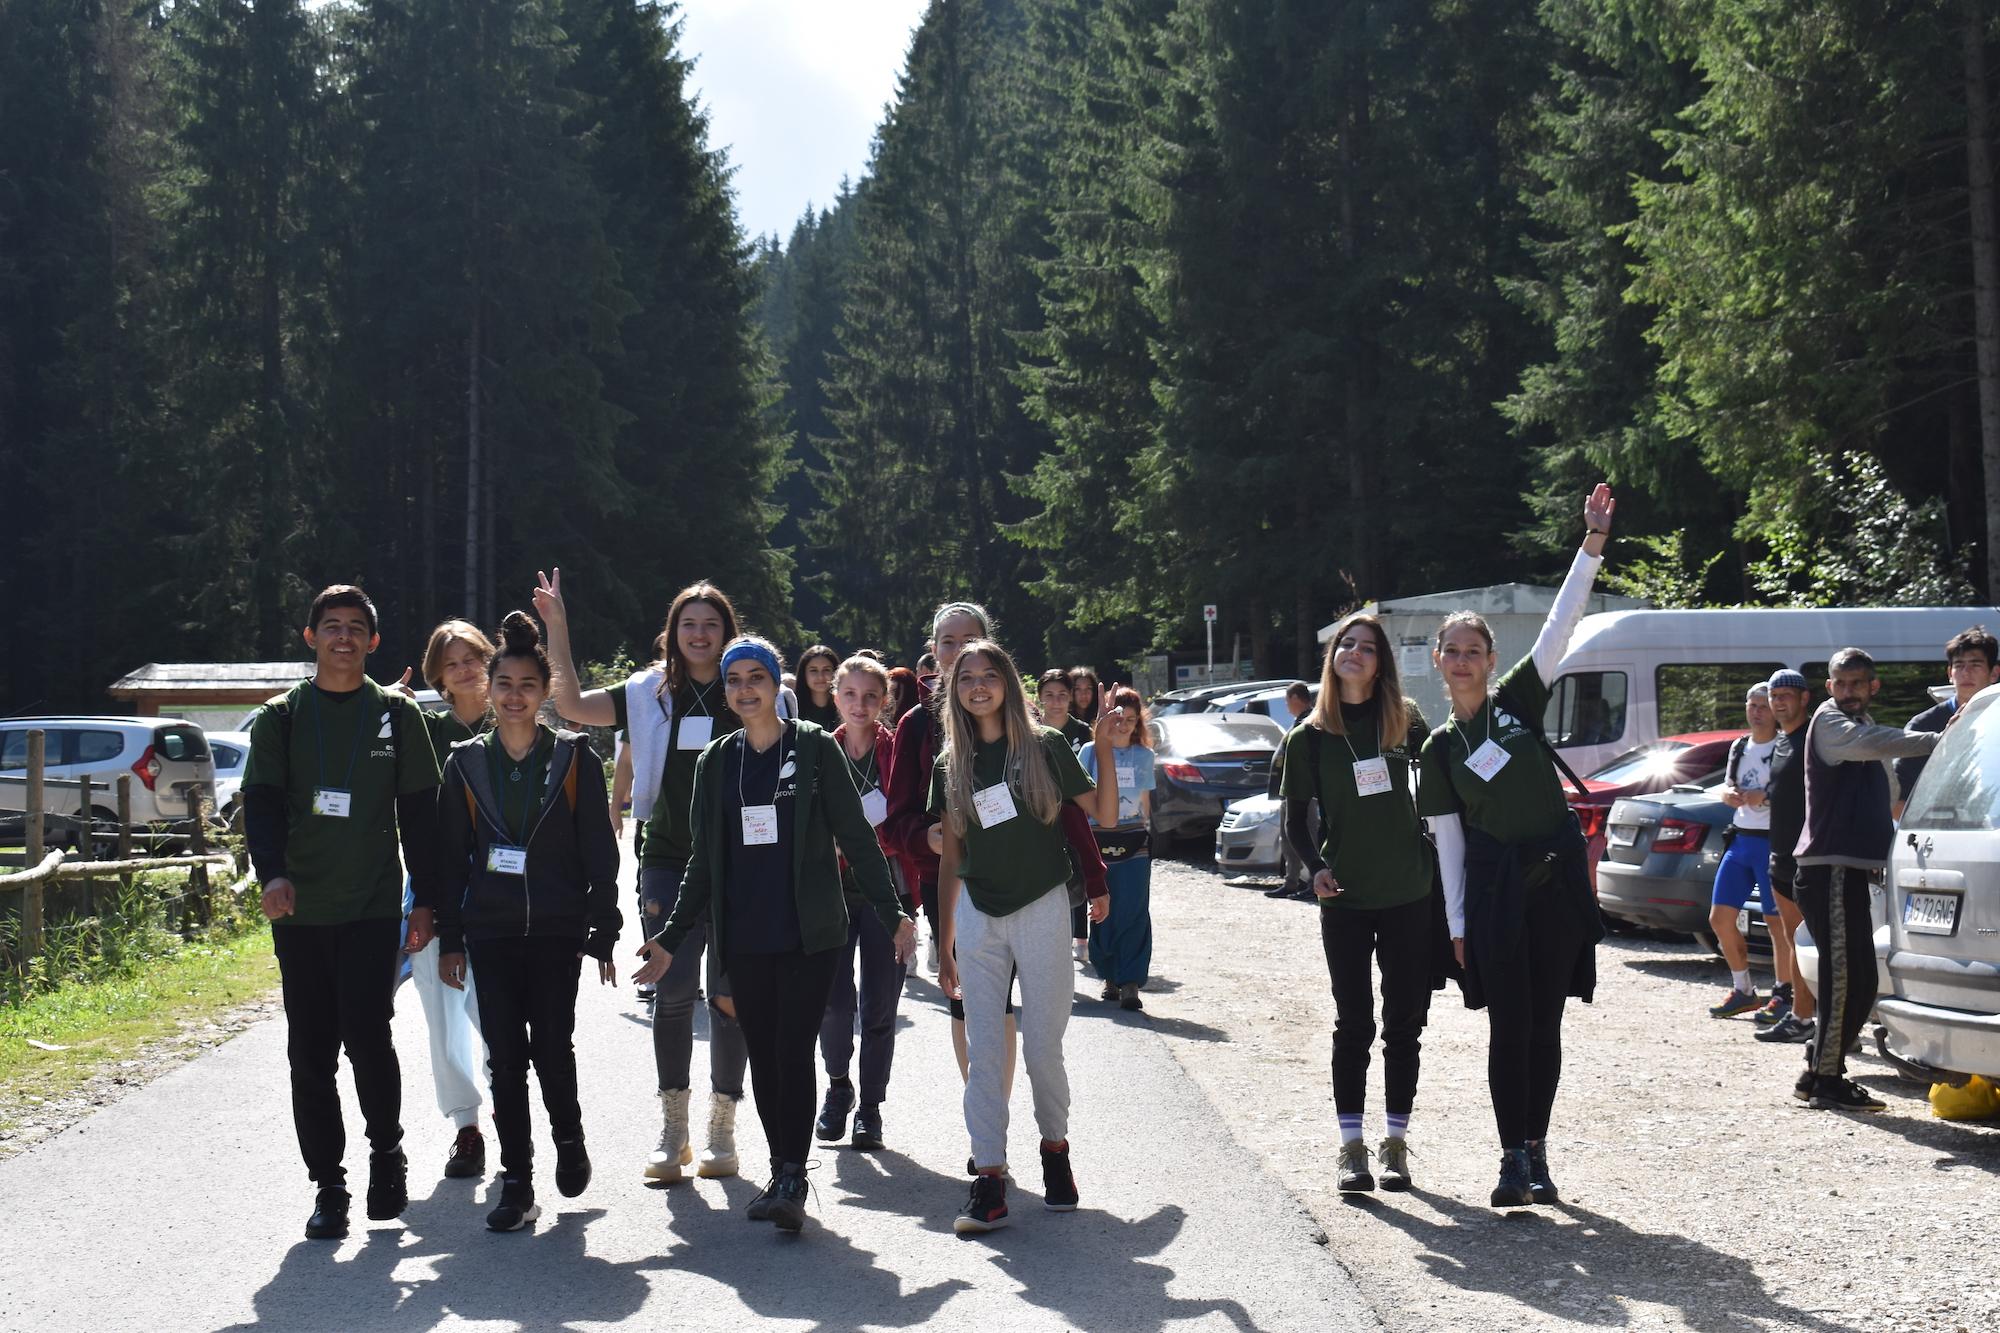 Mai ții minte sentimentul de libertate din tabără ? Cum a fost în tabăra Eco Provocarea ?